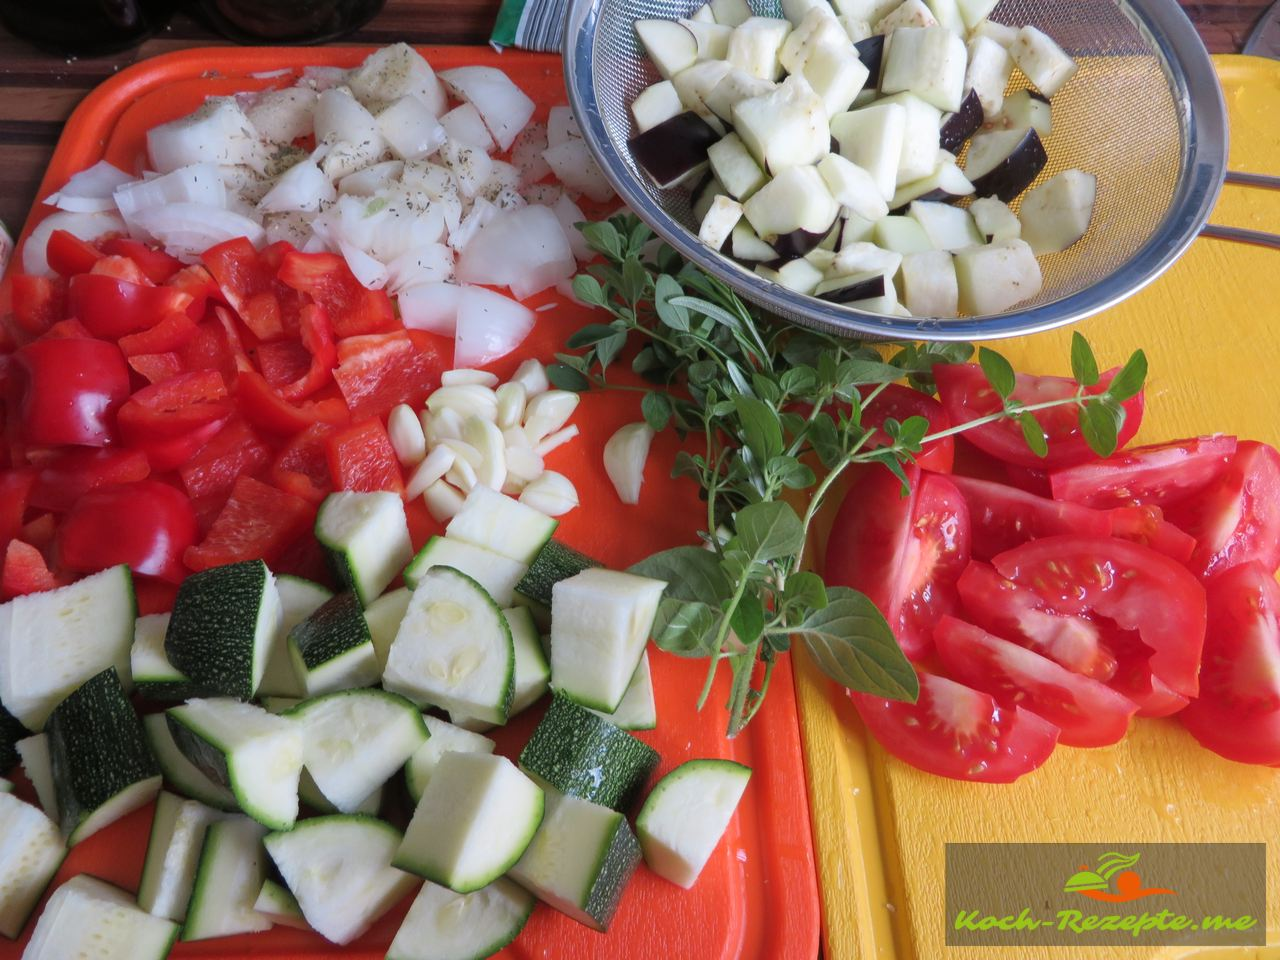 Zutaten  mediterranes  Gemüse mit Hähnchen gewürfelt